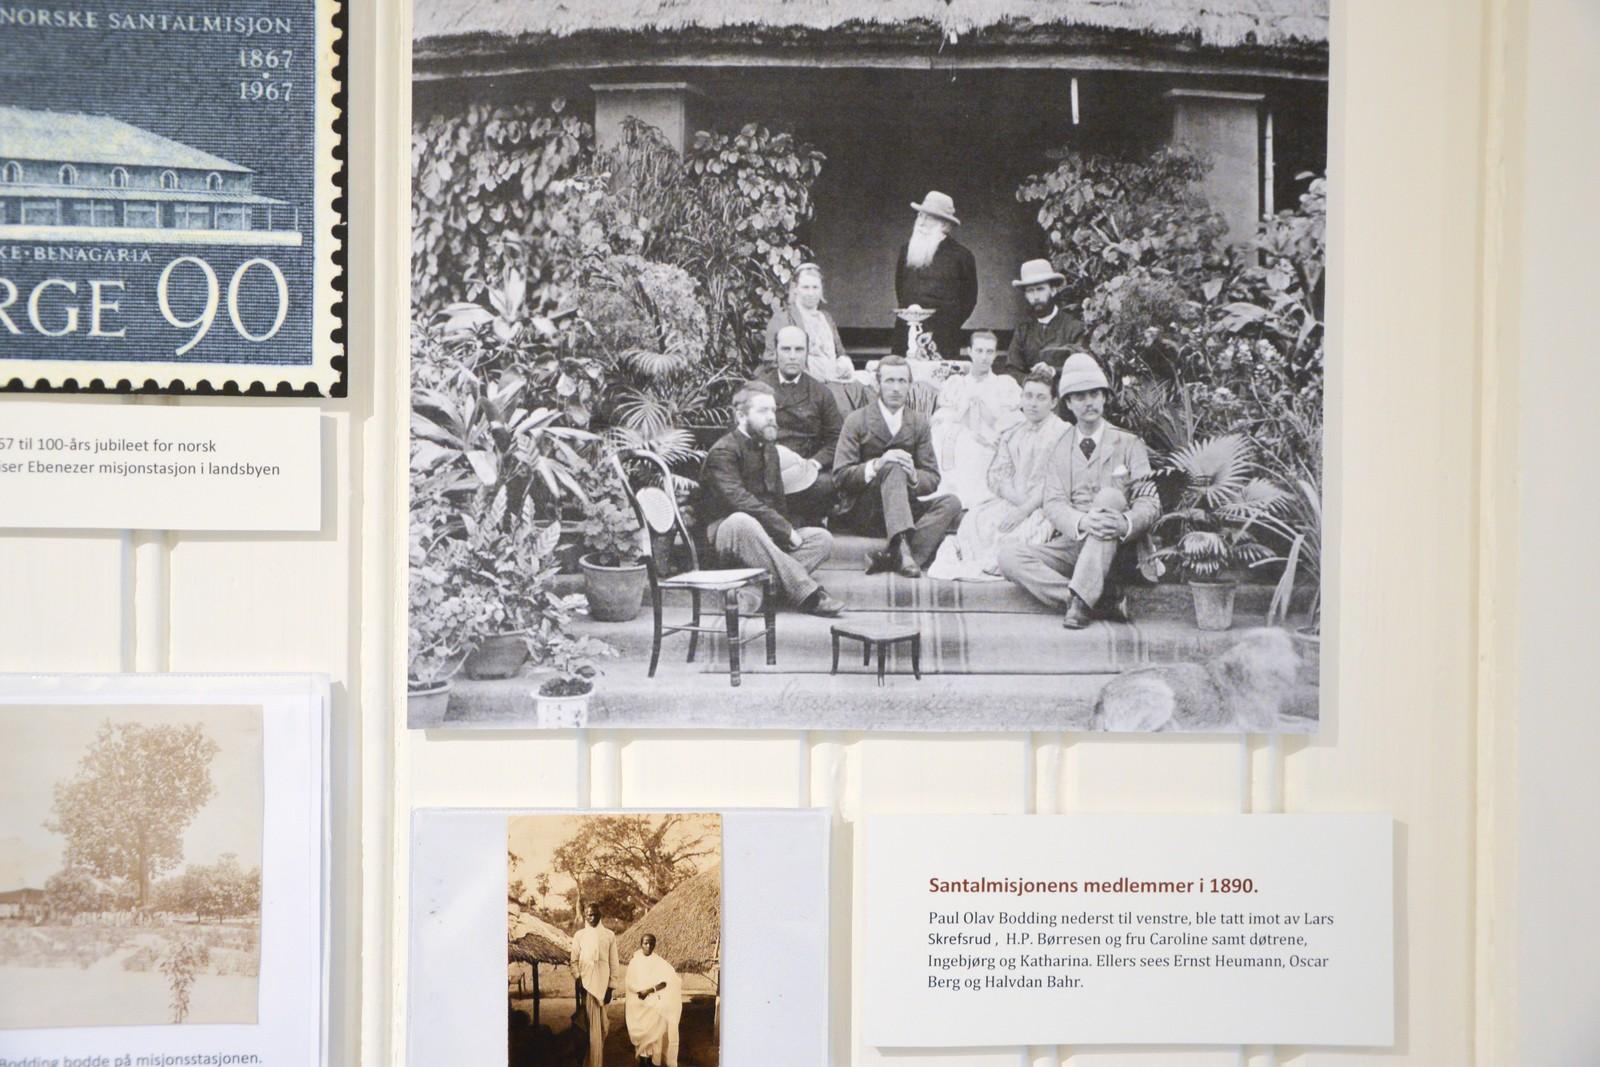 Santalmisjonens medlemmer i 1890.